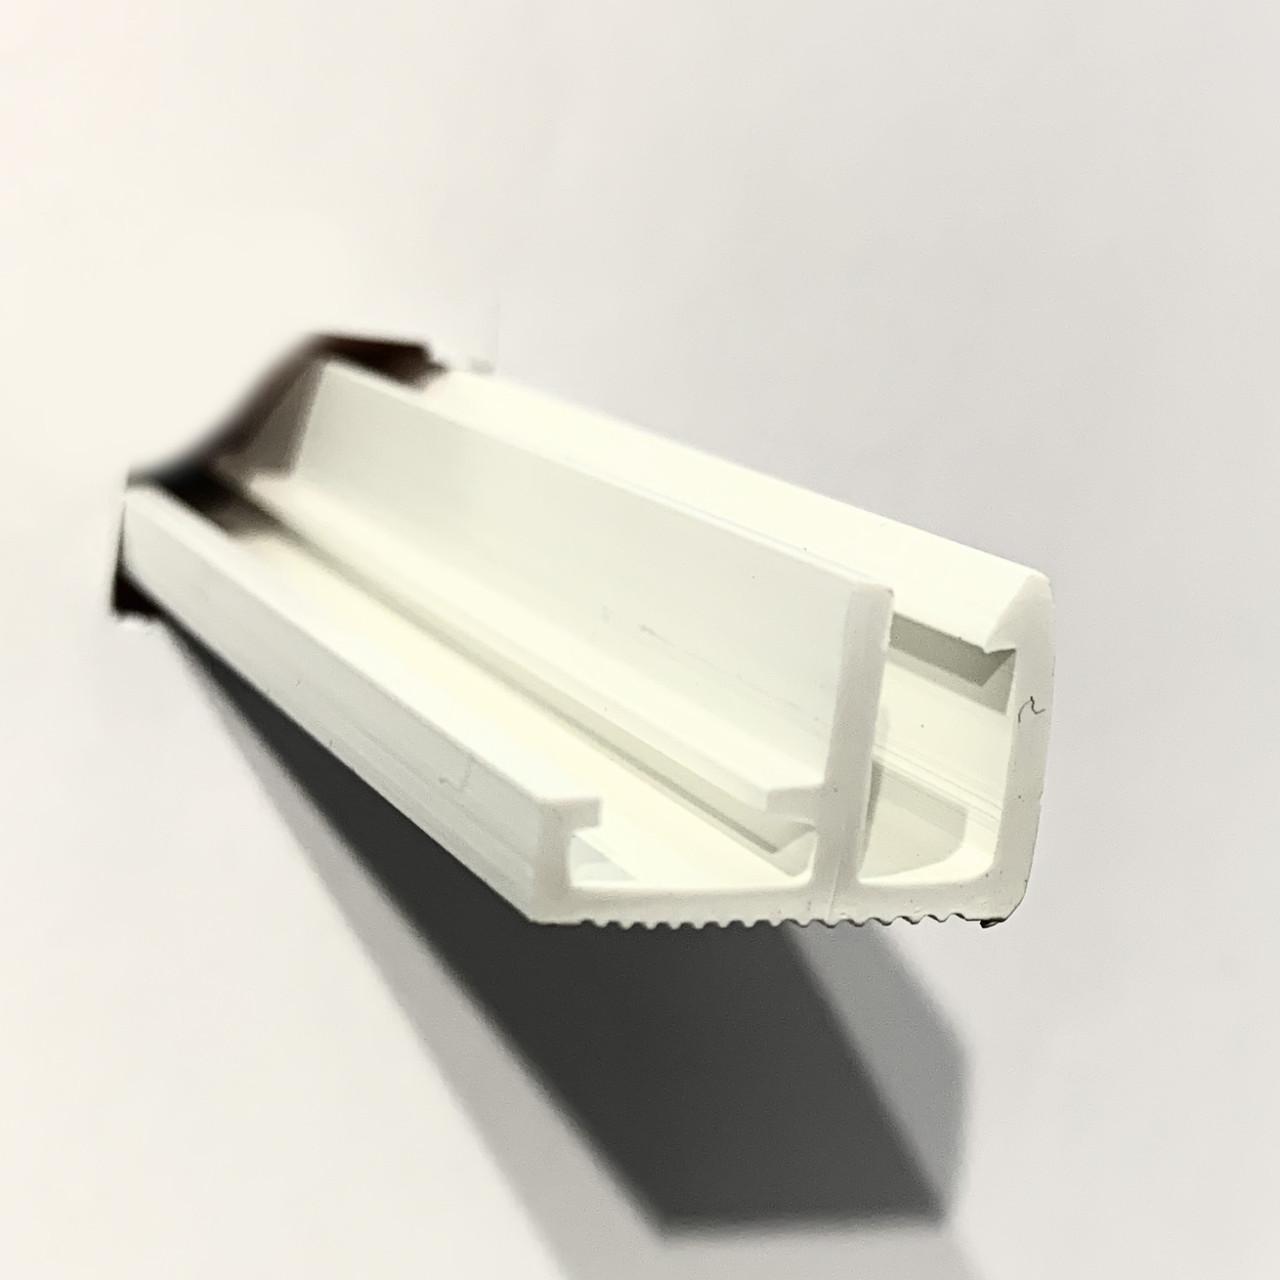 Профиль пластиковый для натяжных потолков - ПОТОЛОЧНЫЙ. Длина профиля 2 м.